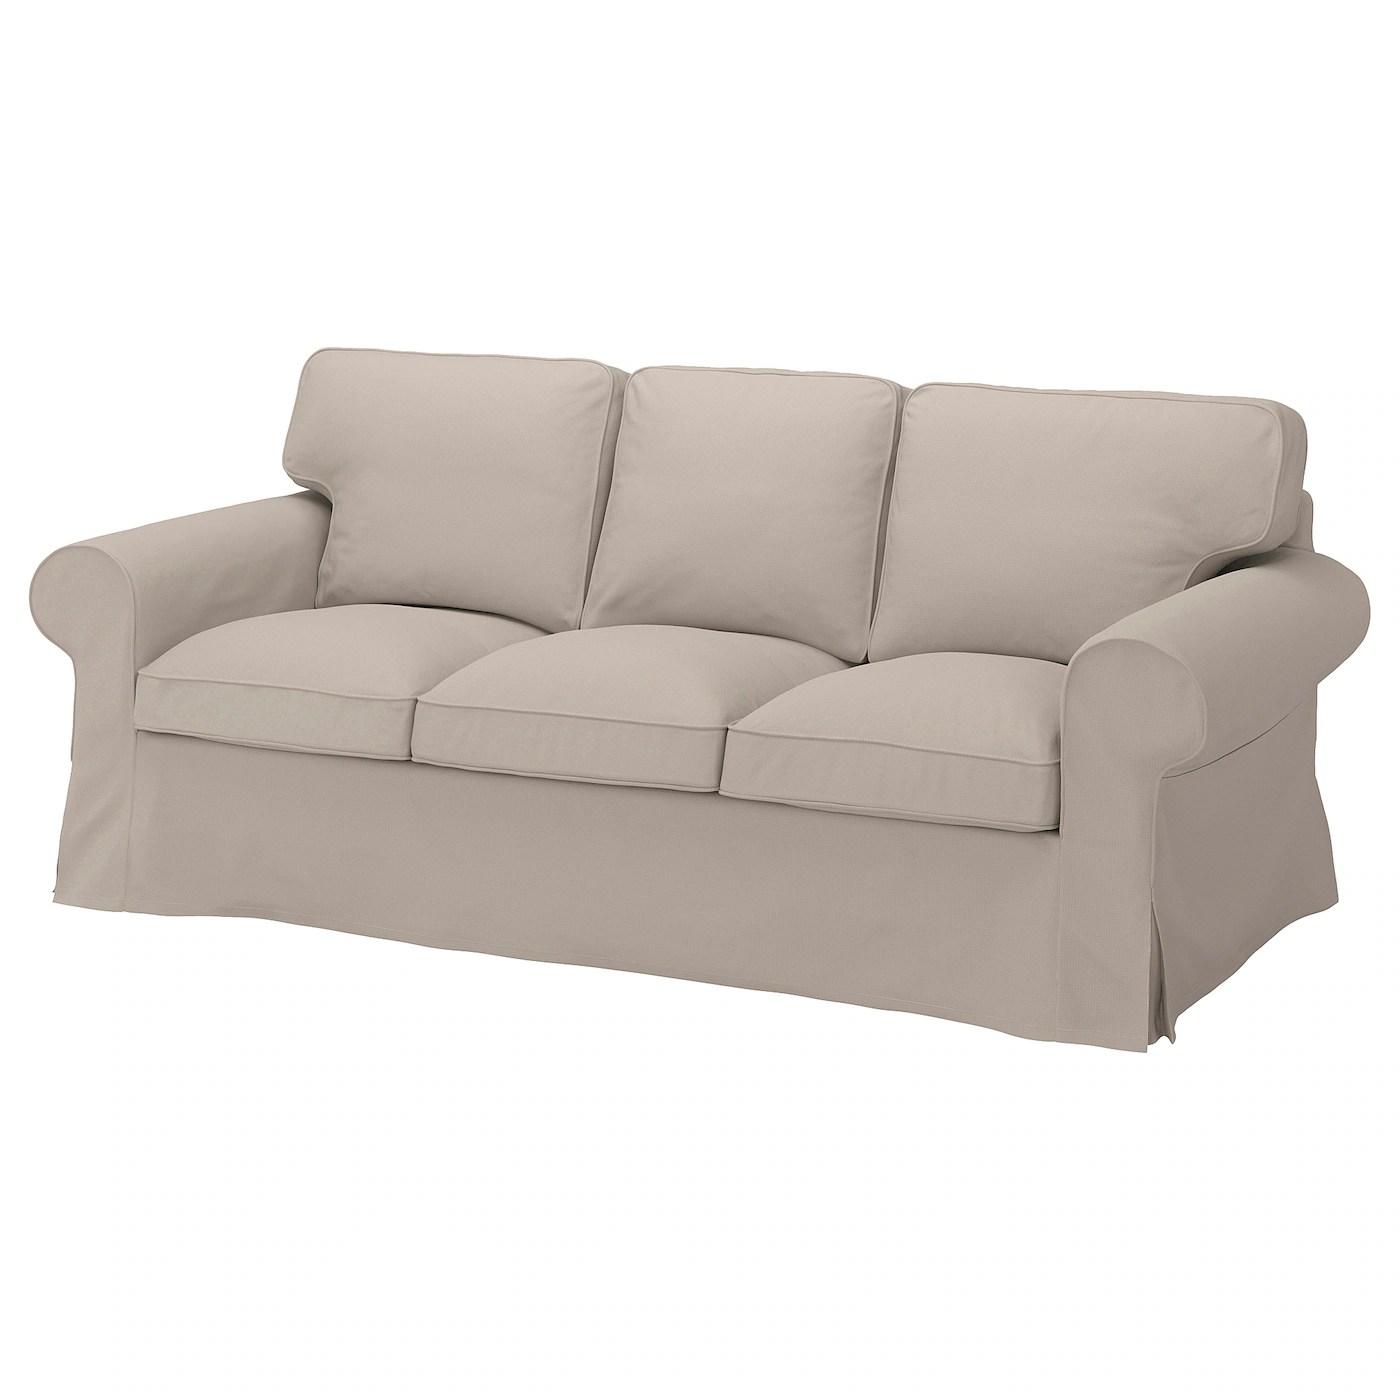 per tavoli, poltrone, divani, tende e laddove la tua fantasia vuole. Fodere Per Divani E Poltrone Ikea It